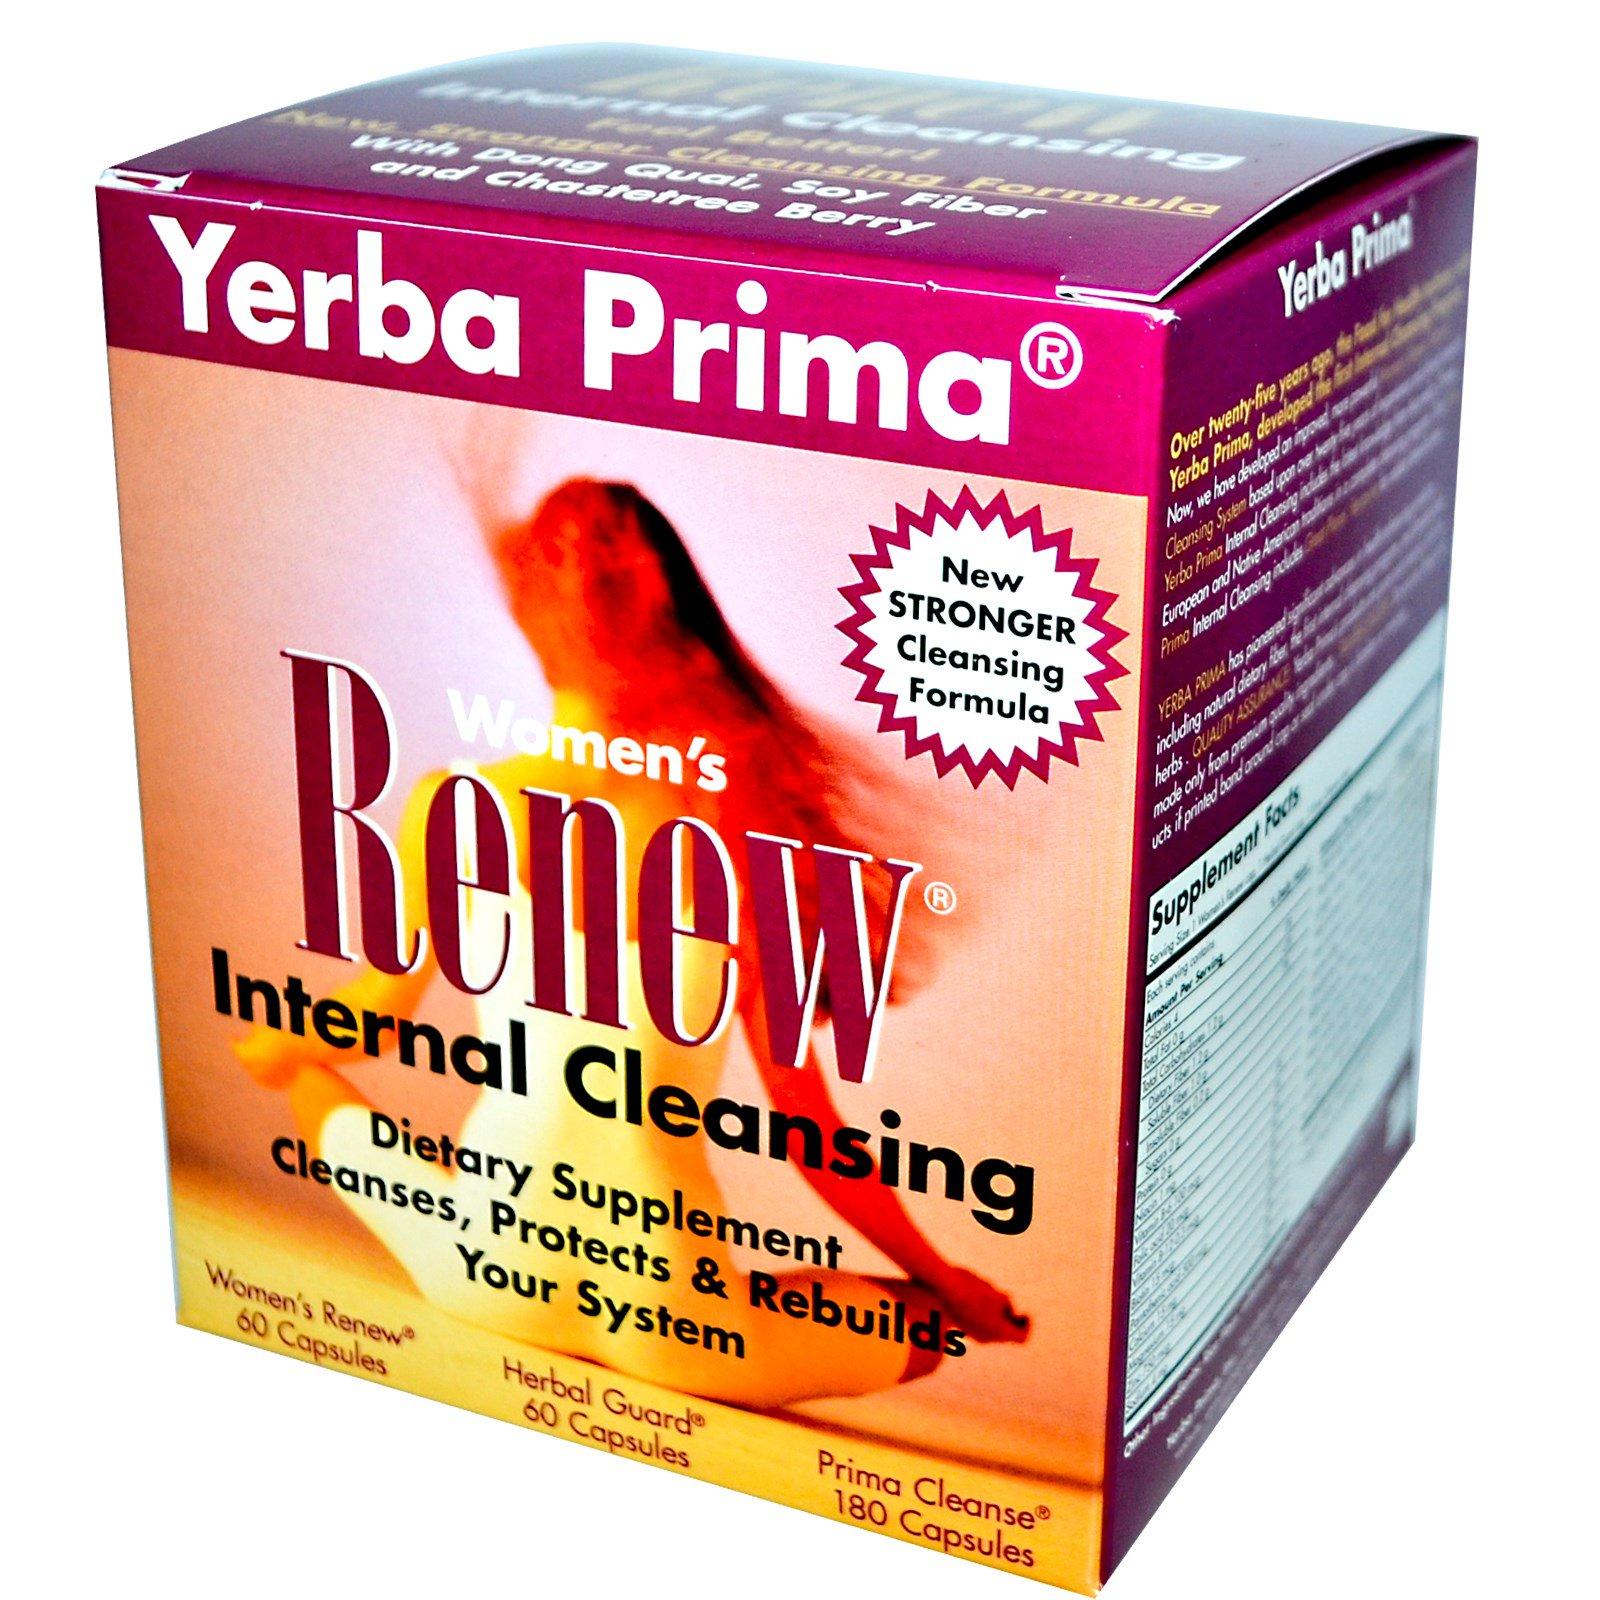 Yerba Prima, Набор для внутреннего очищения для женщин Women's Renew, программа, состоящая из 3 частей